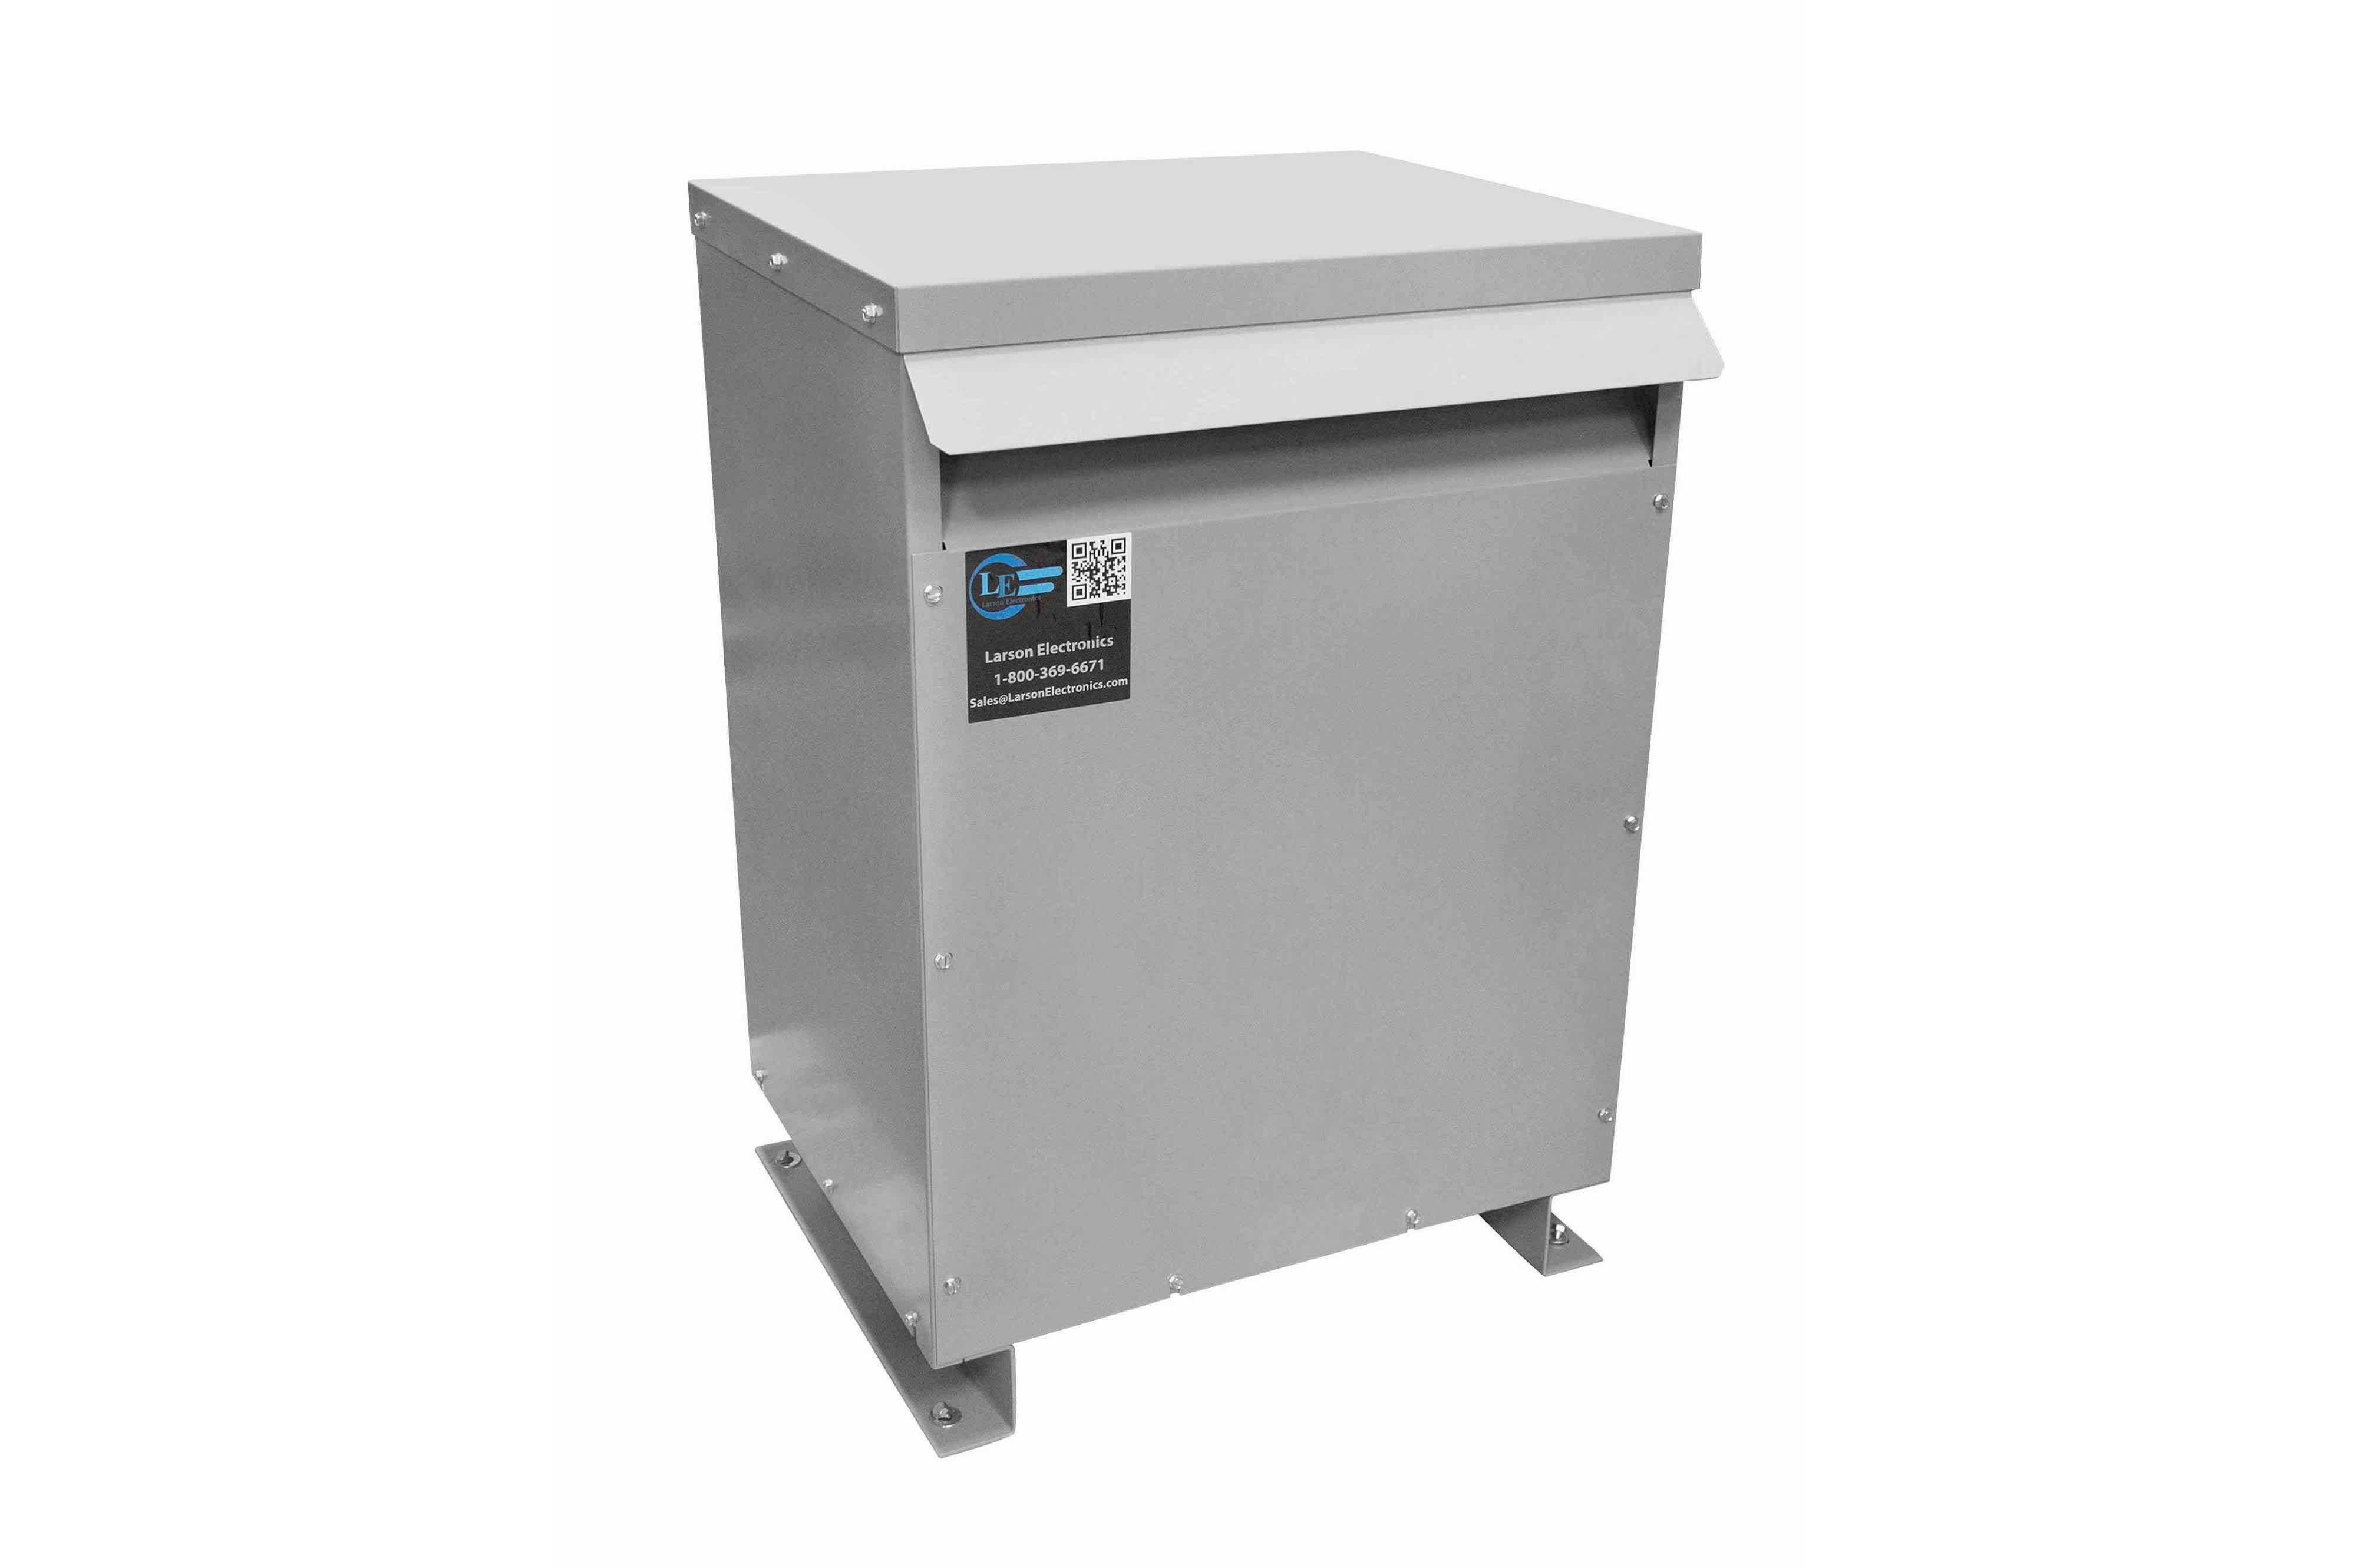 26 kVA 3PH Isolation Transformer, 380V Delta Primary, 480V Delta Secondary, N3R, Ventilated, 60 Hz